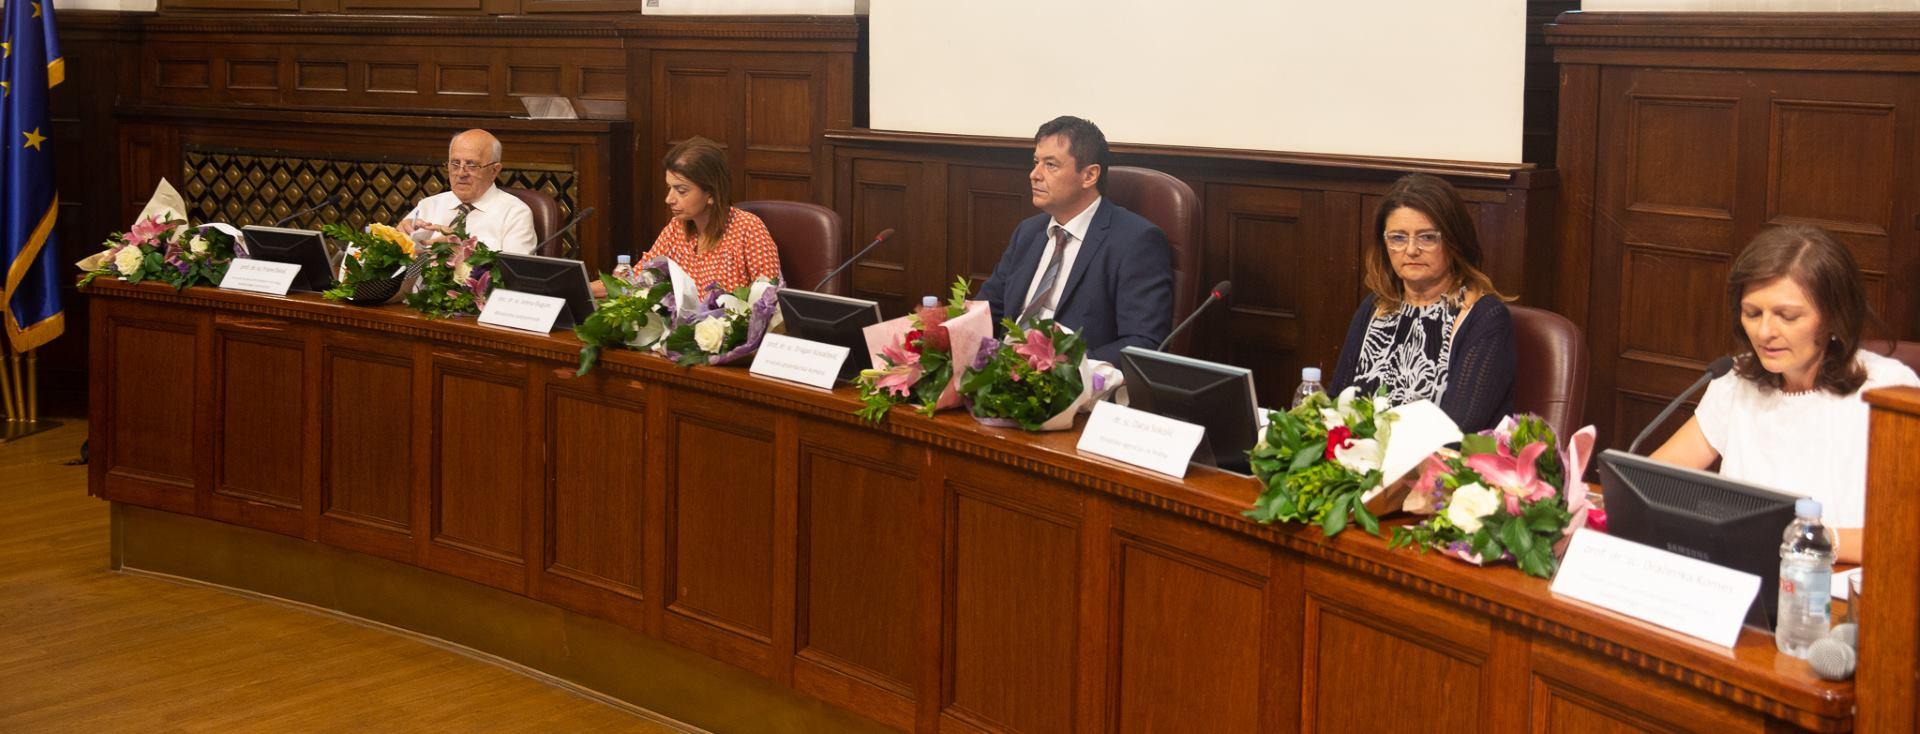 Održan skup 'Funkcionalna hrana u Hrvatskoj'